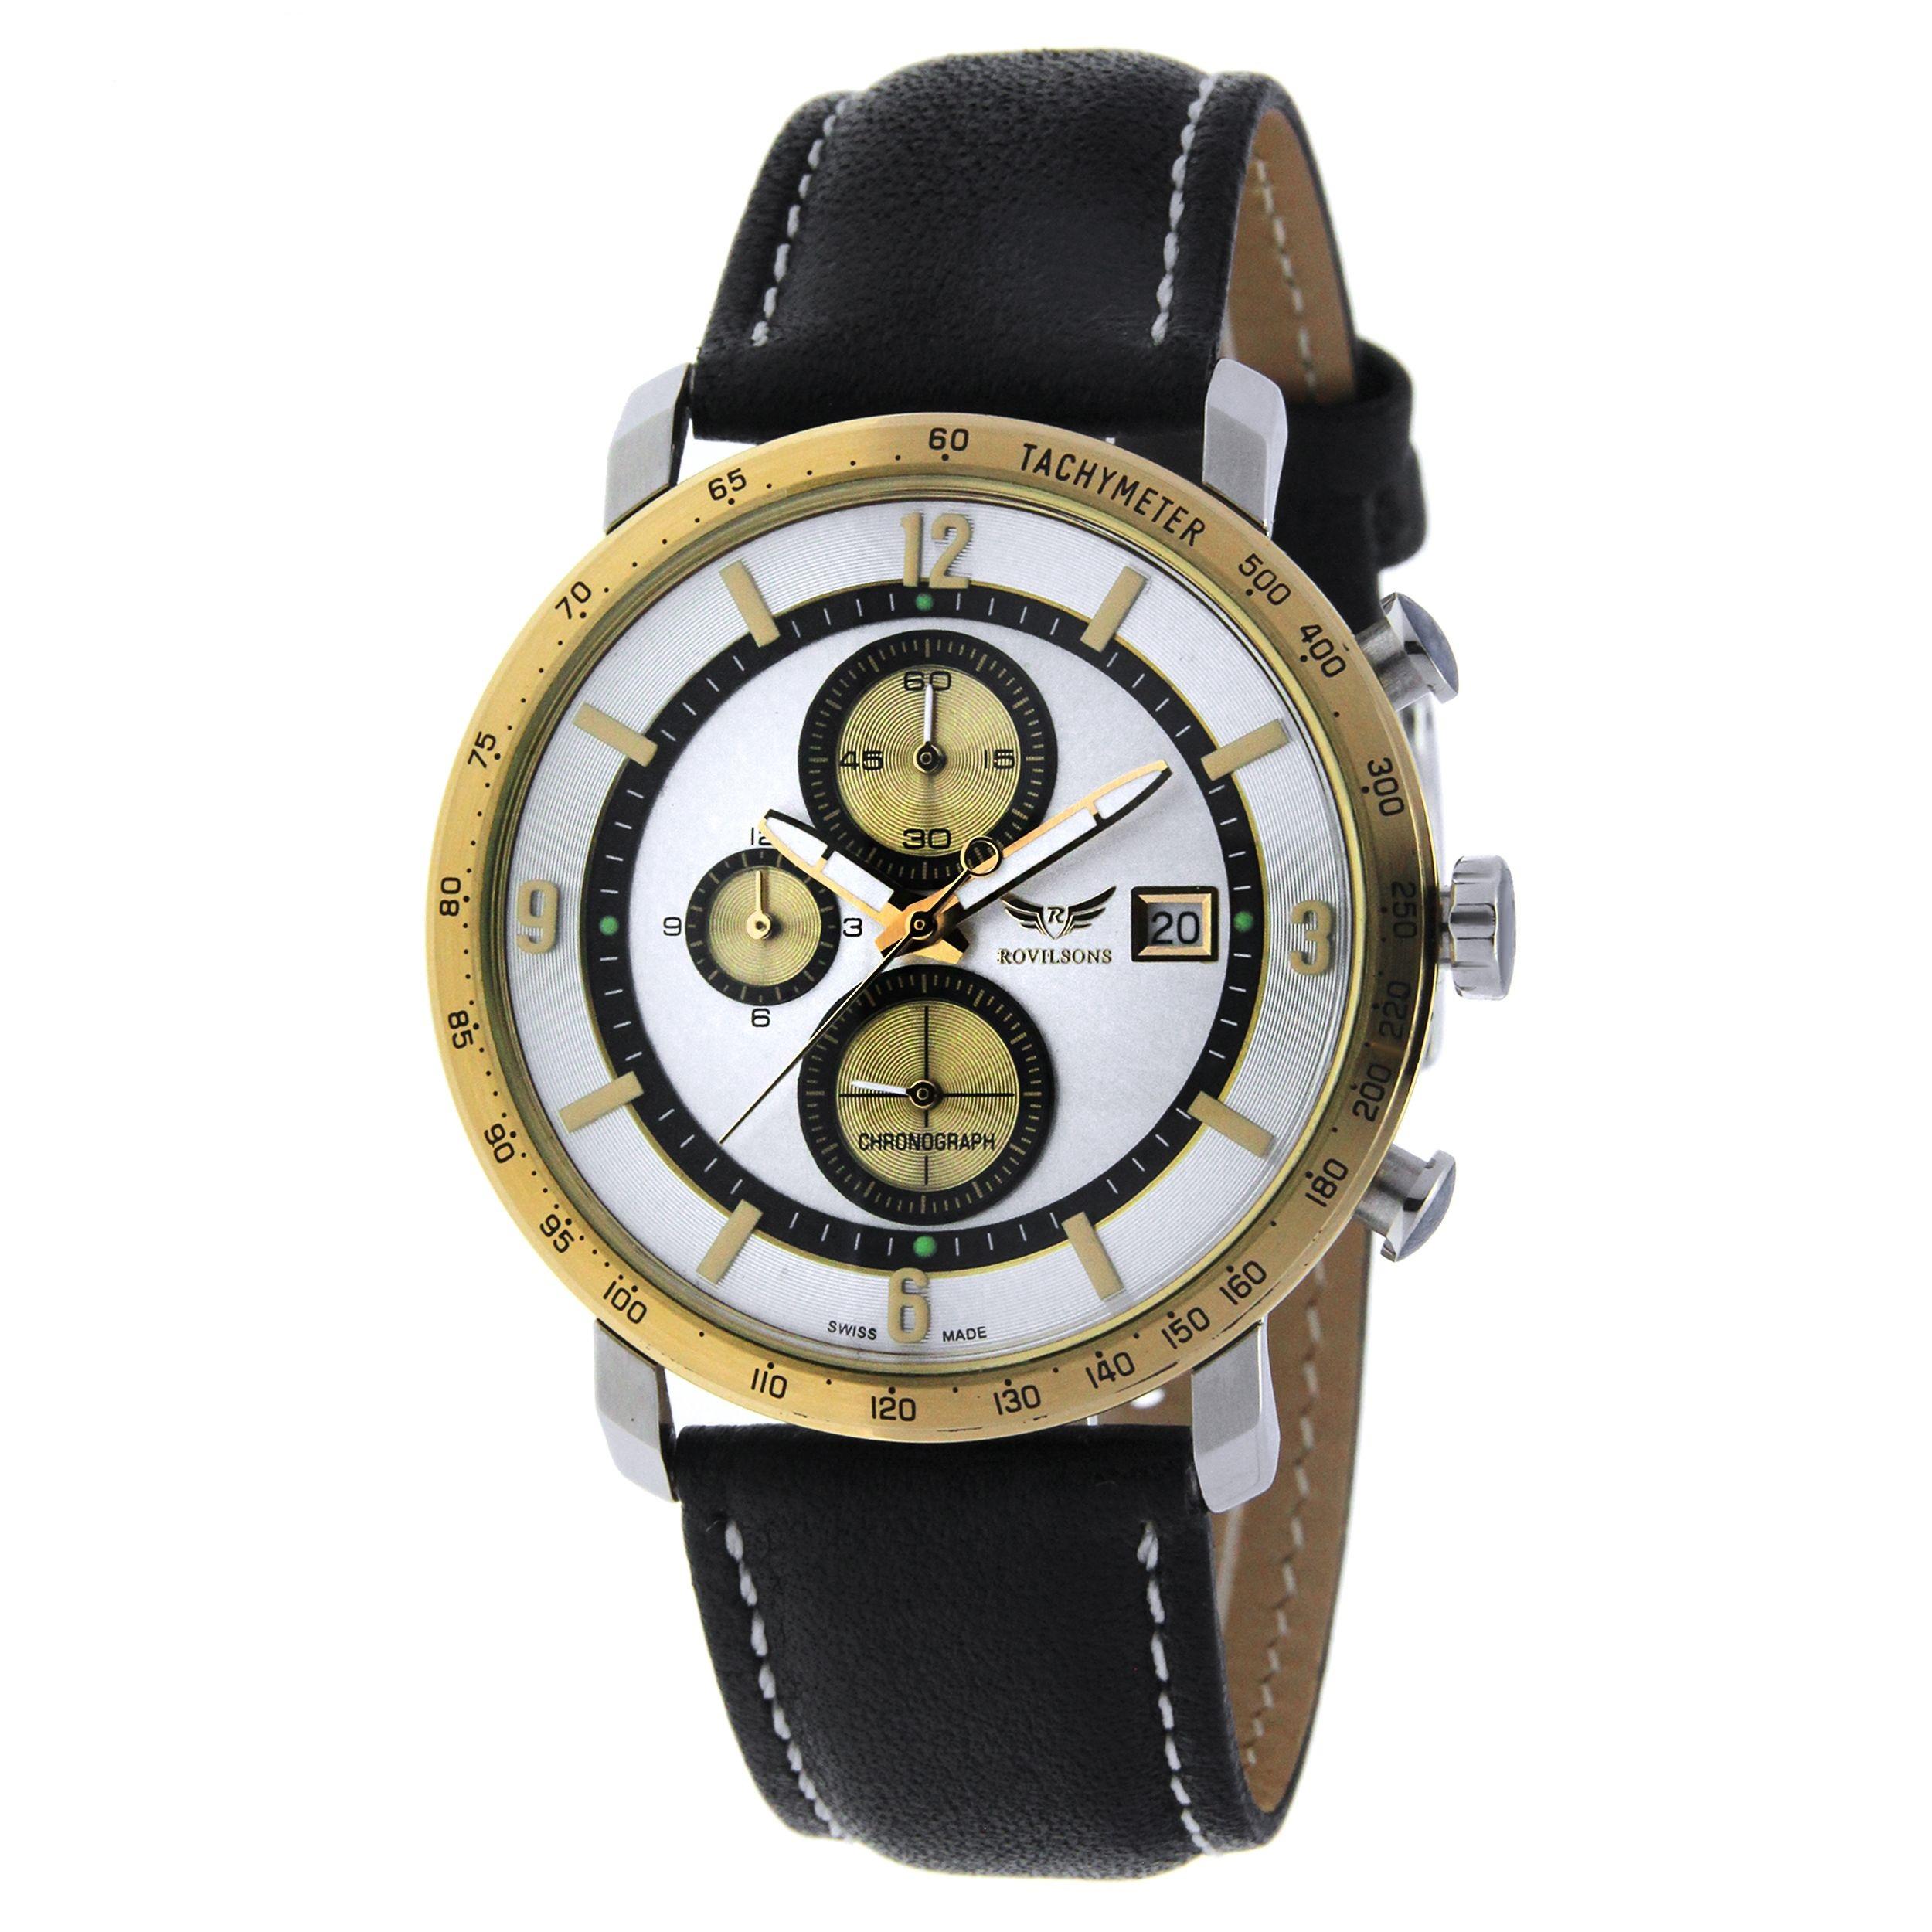 ساعت مچی عقربه ای مردانه راویلسون مدل RW-1062G-2 1